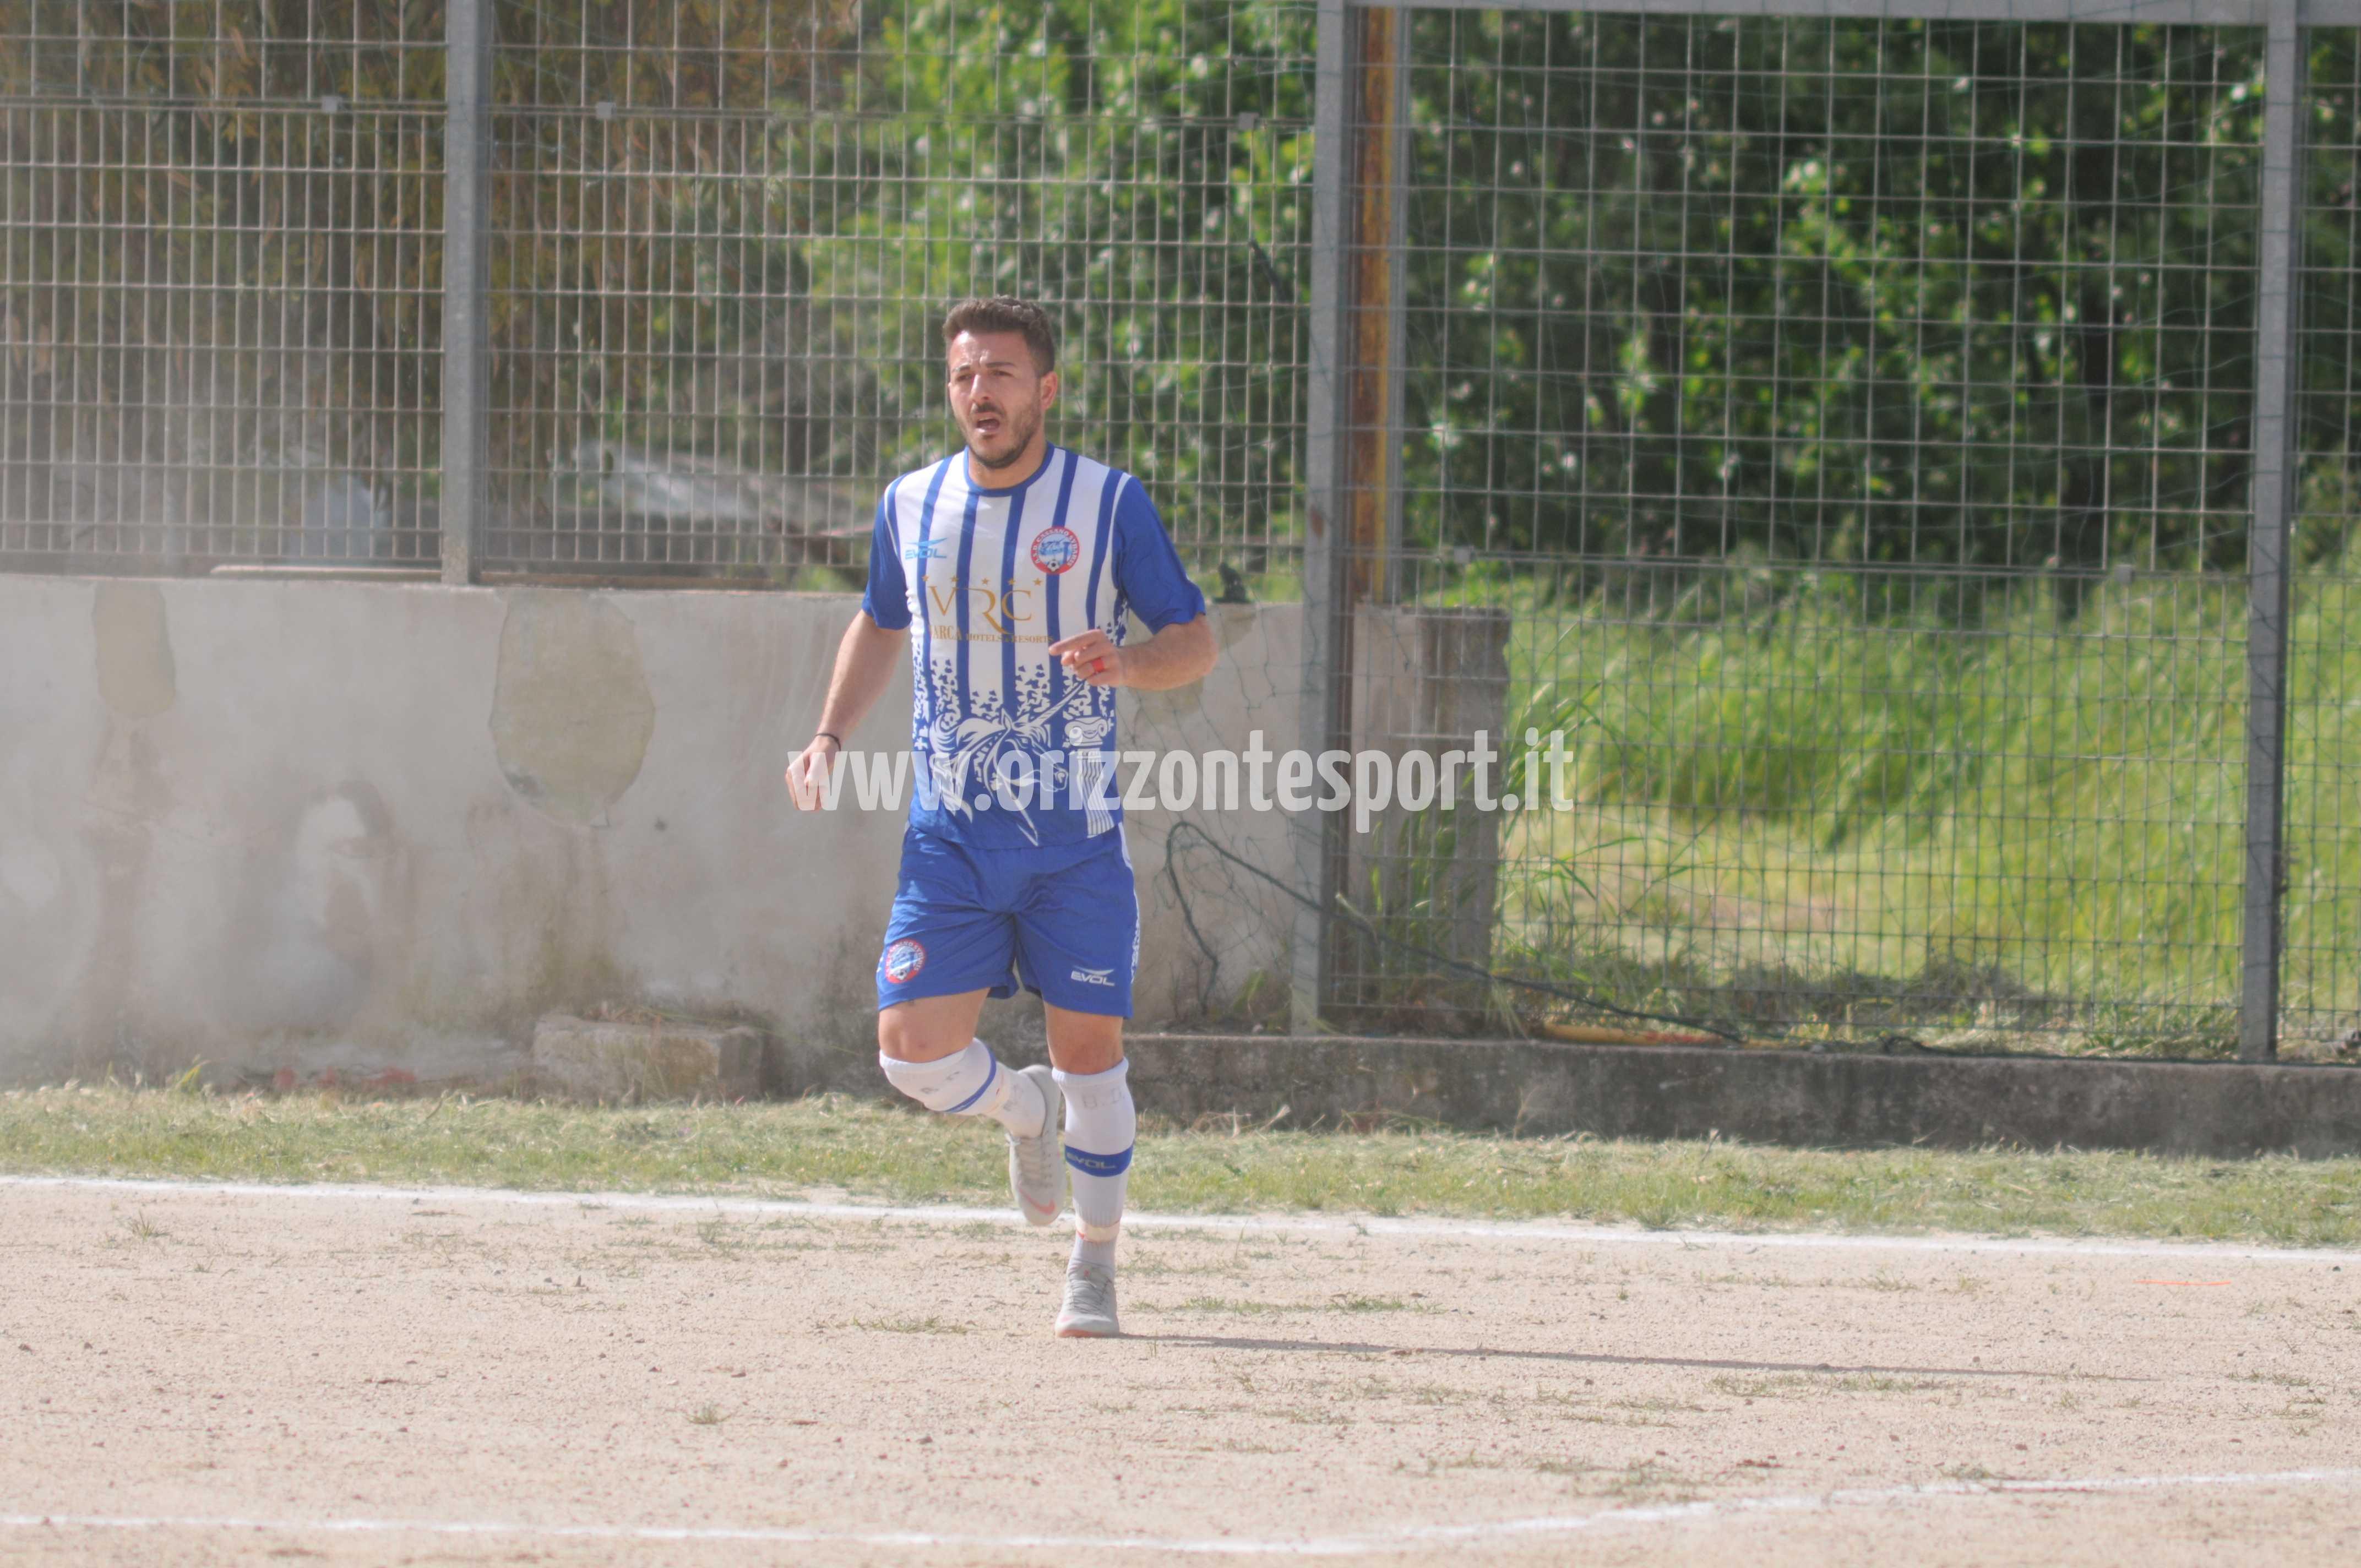 roggiano_cassano (46)